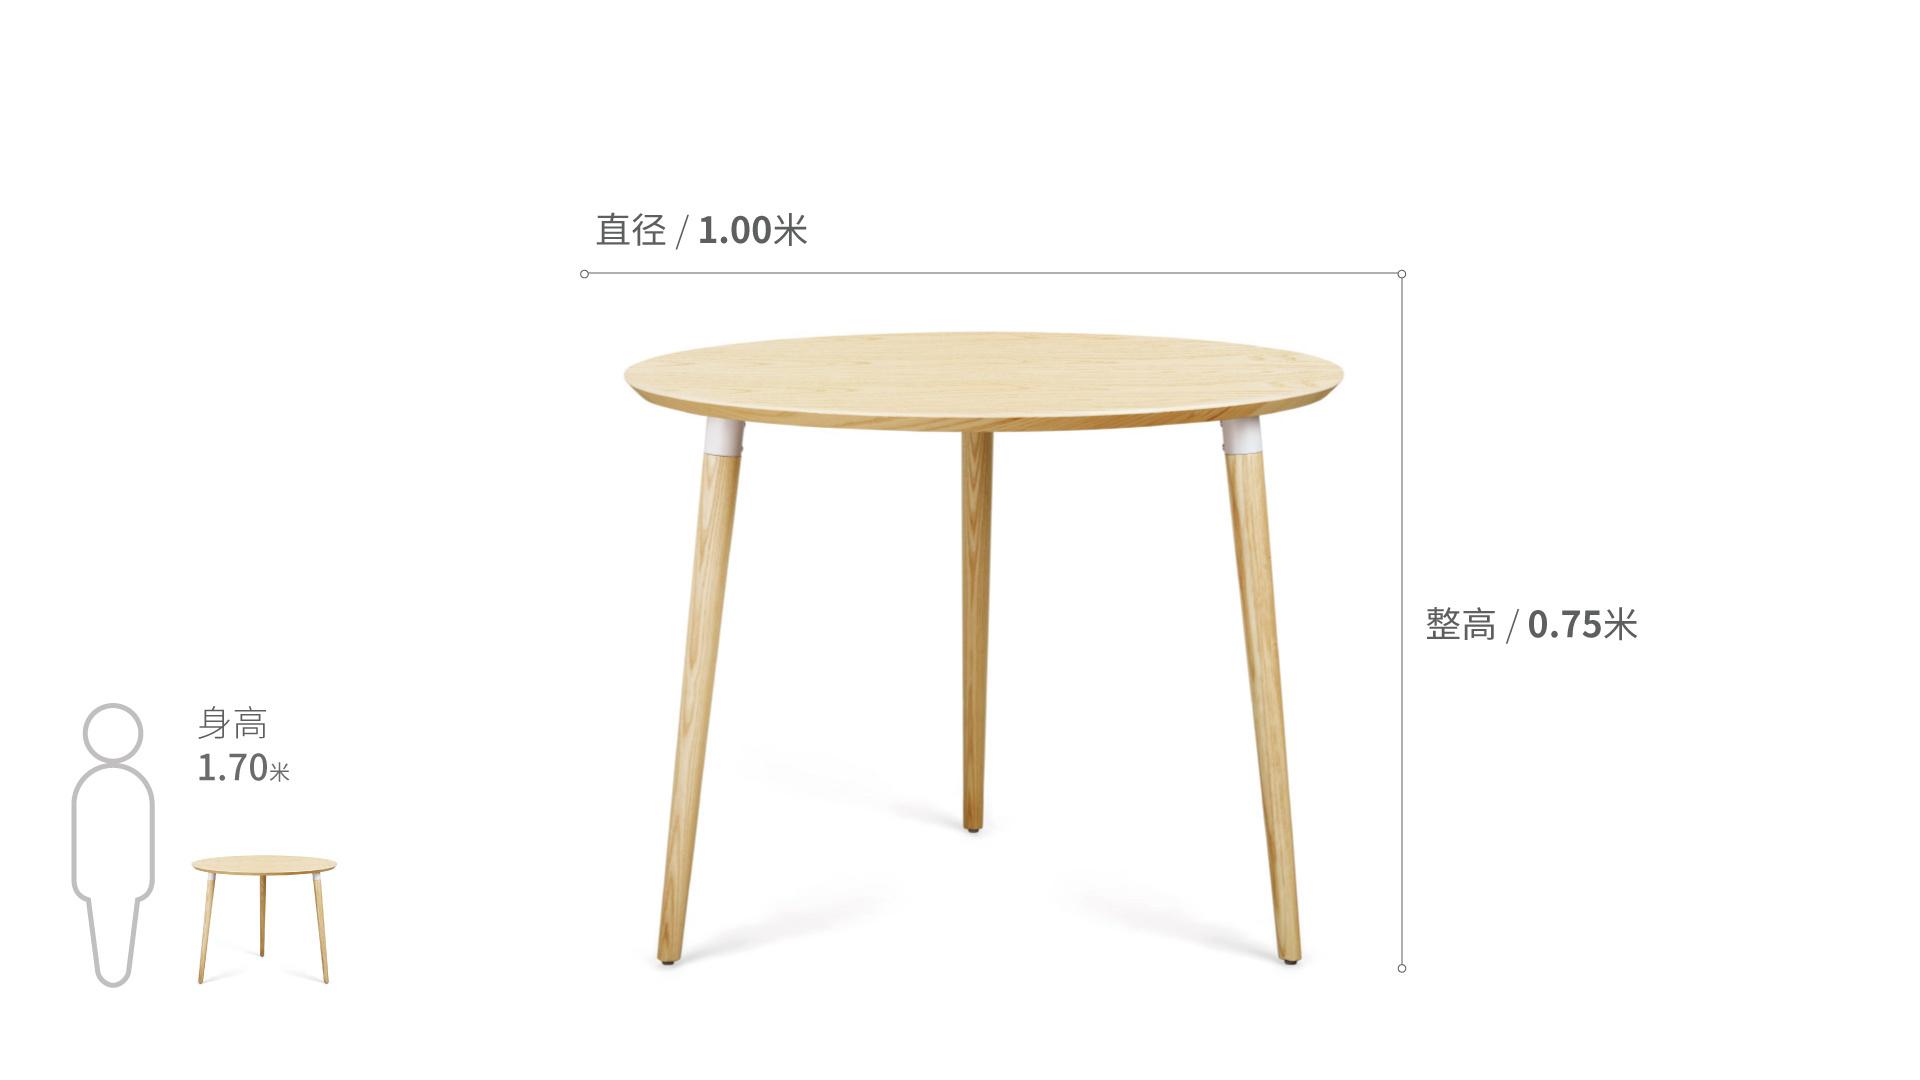 画板餐桌-圆桌桌几效果图